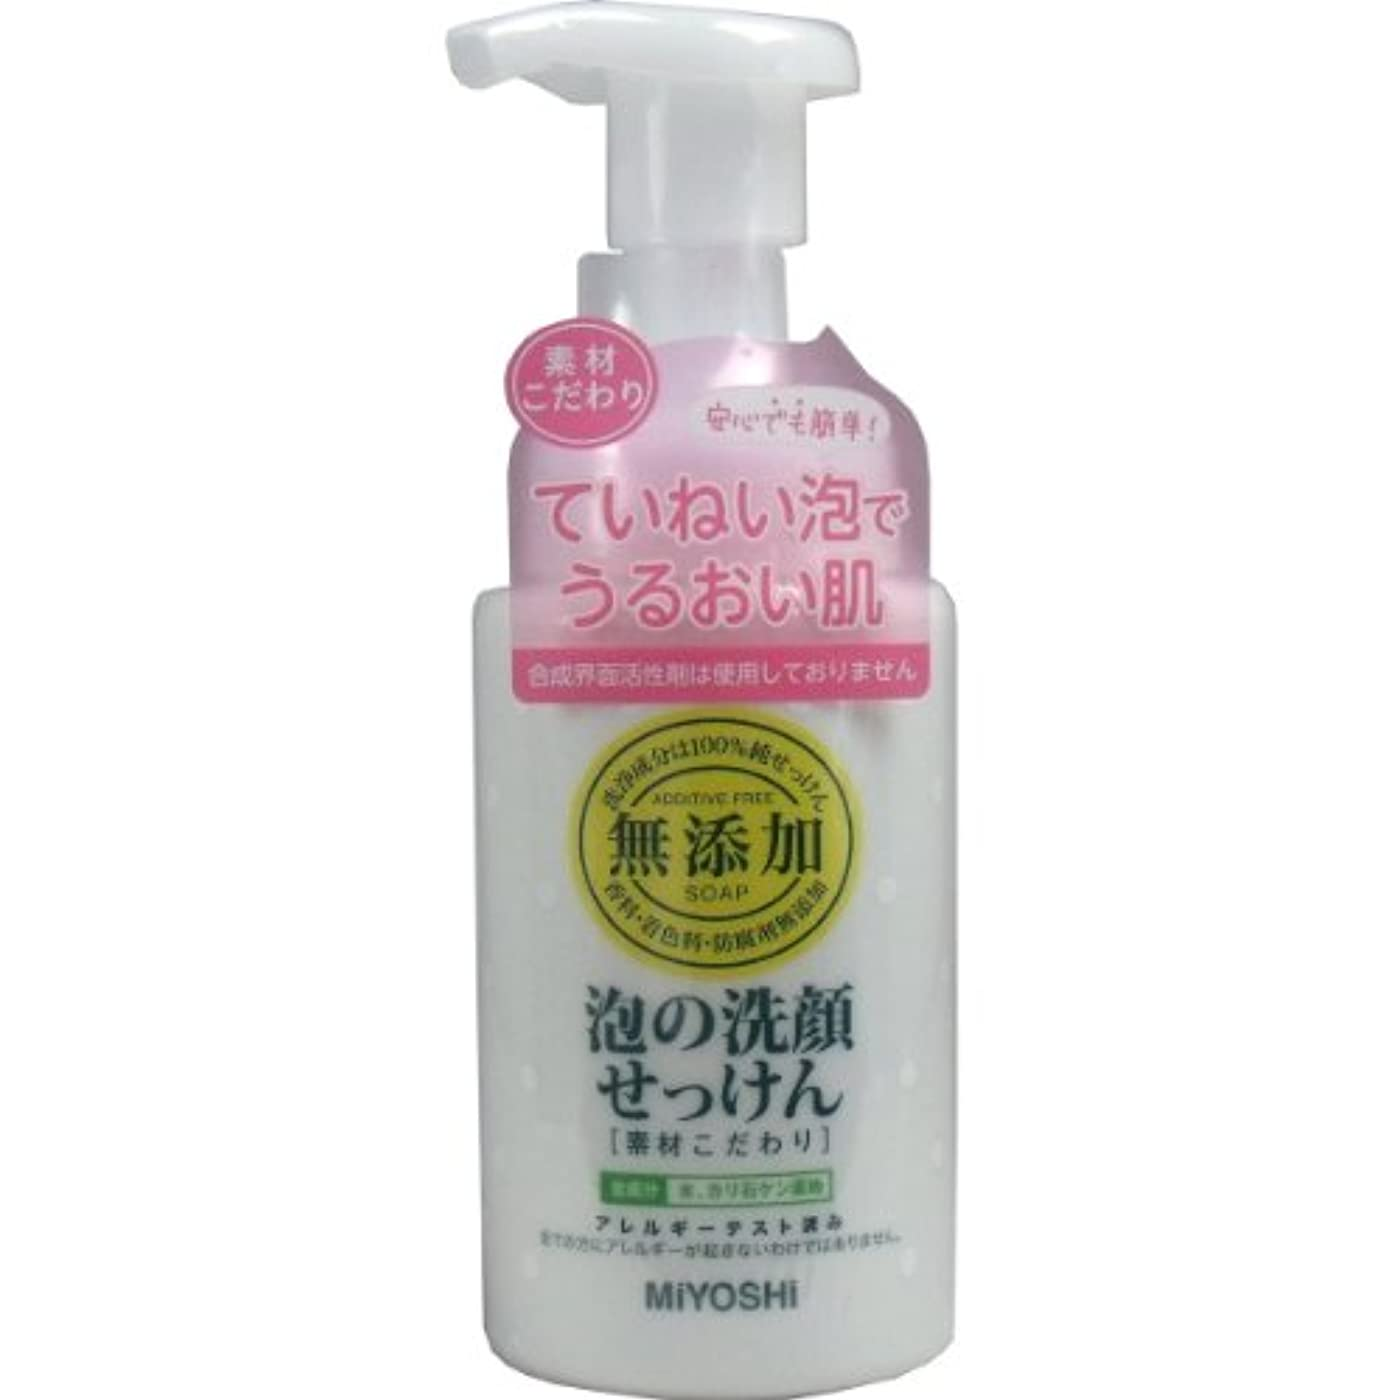 降伏漁師罹患率【ミヨシ石鹸】無添加 泡の洗顔せっけん 200ml ×20個セット